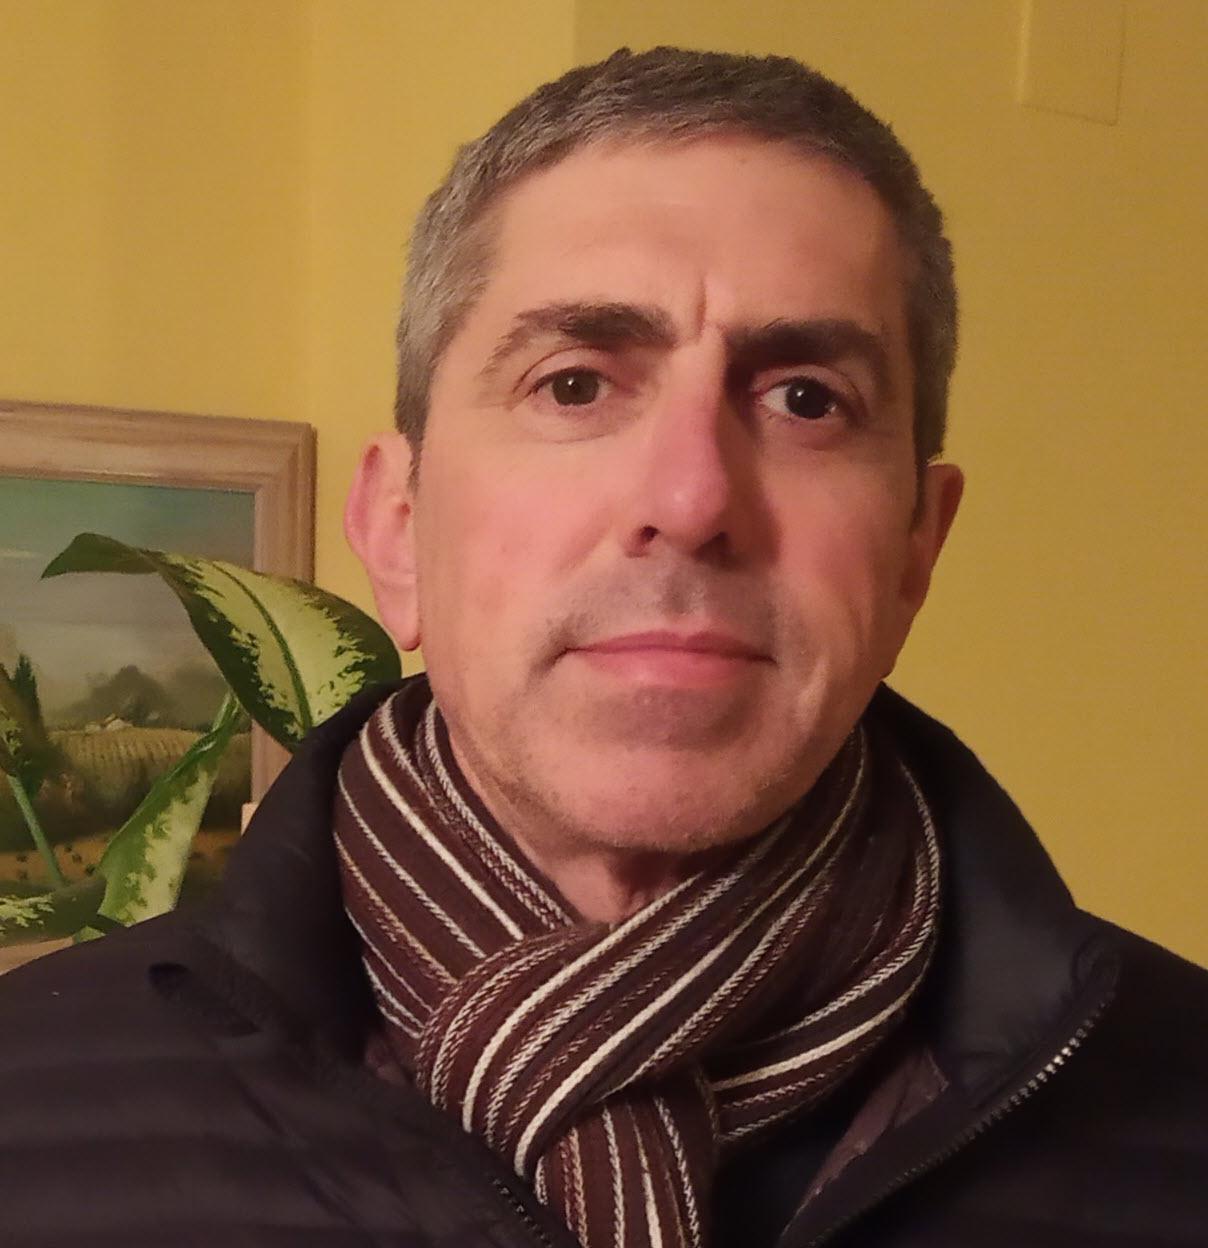 Felix Costuratex